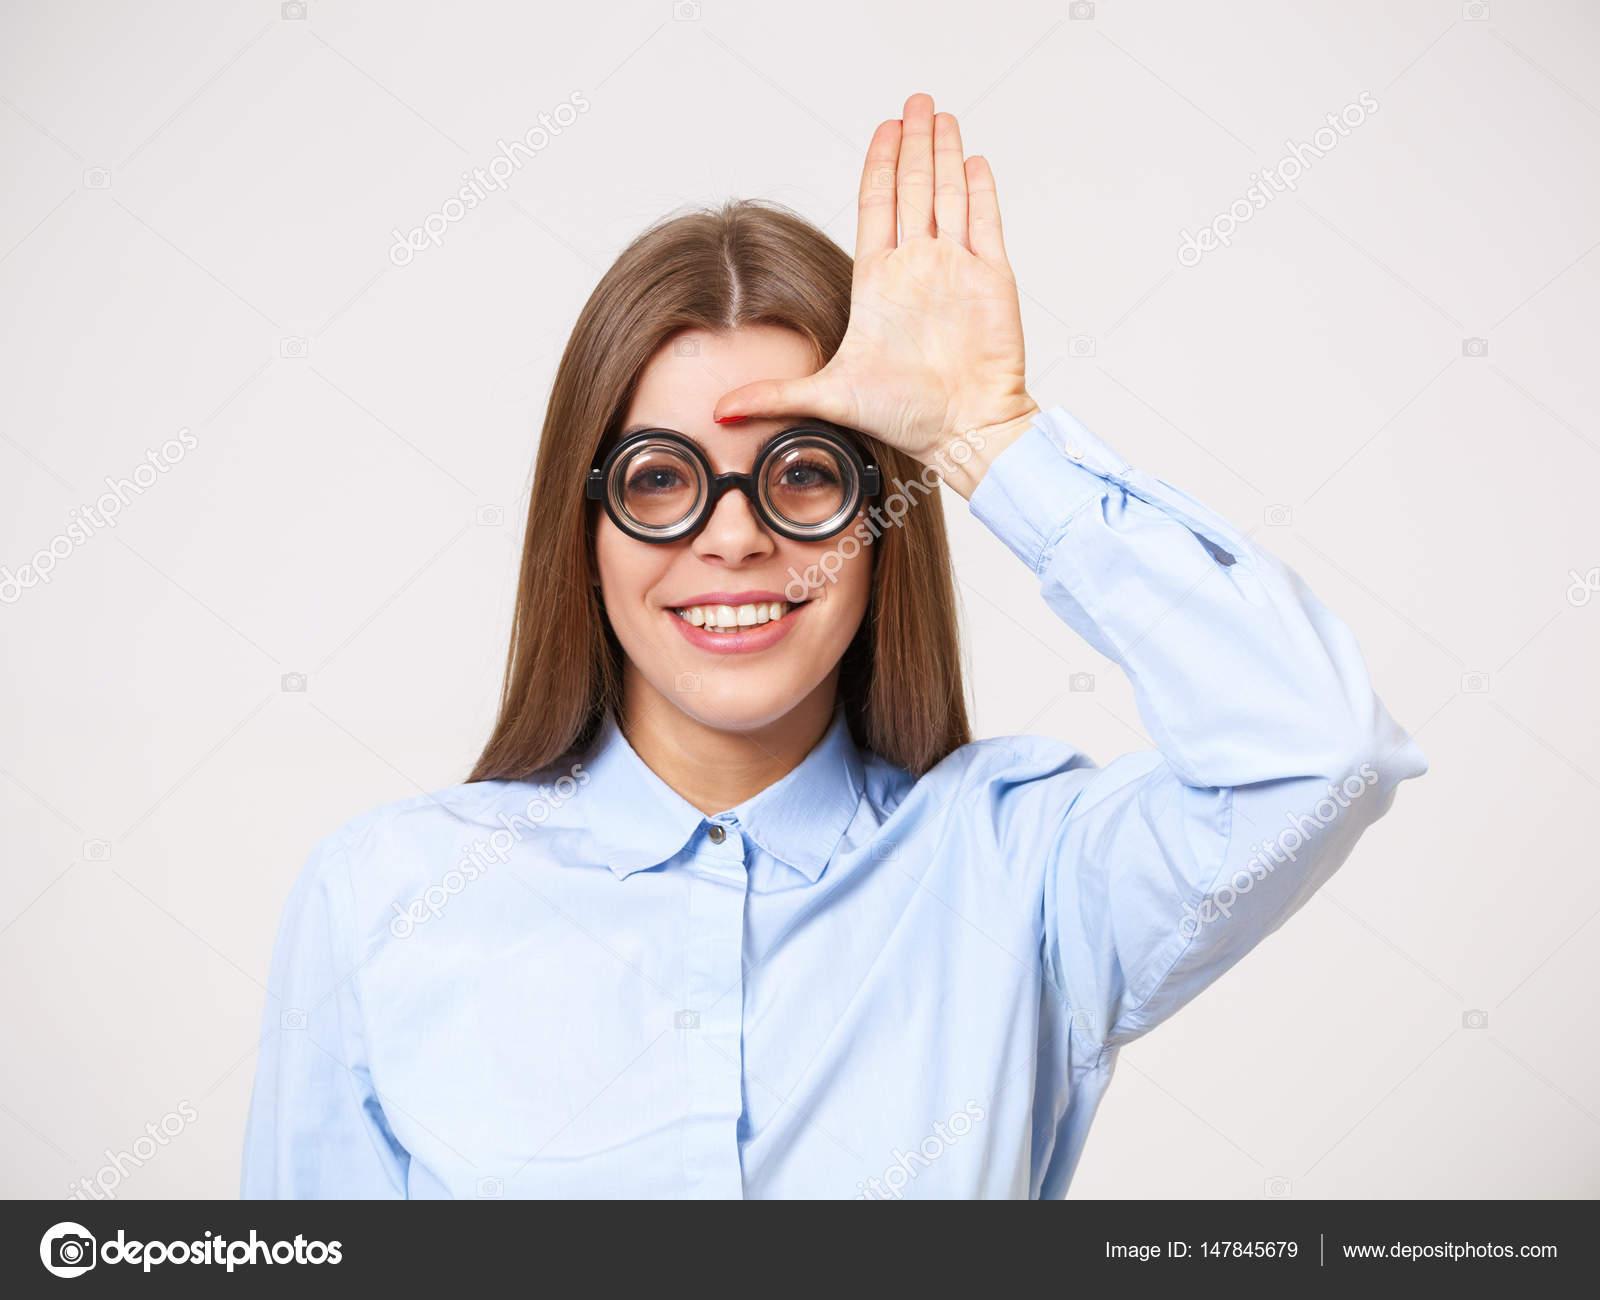 8ba419acb6 Προσωπογραφία Studio αστεία ευτυχισμένη νέοι επαγγελματίες στο μάτι nerd —  Φωτογραφία Αρχείου